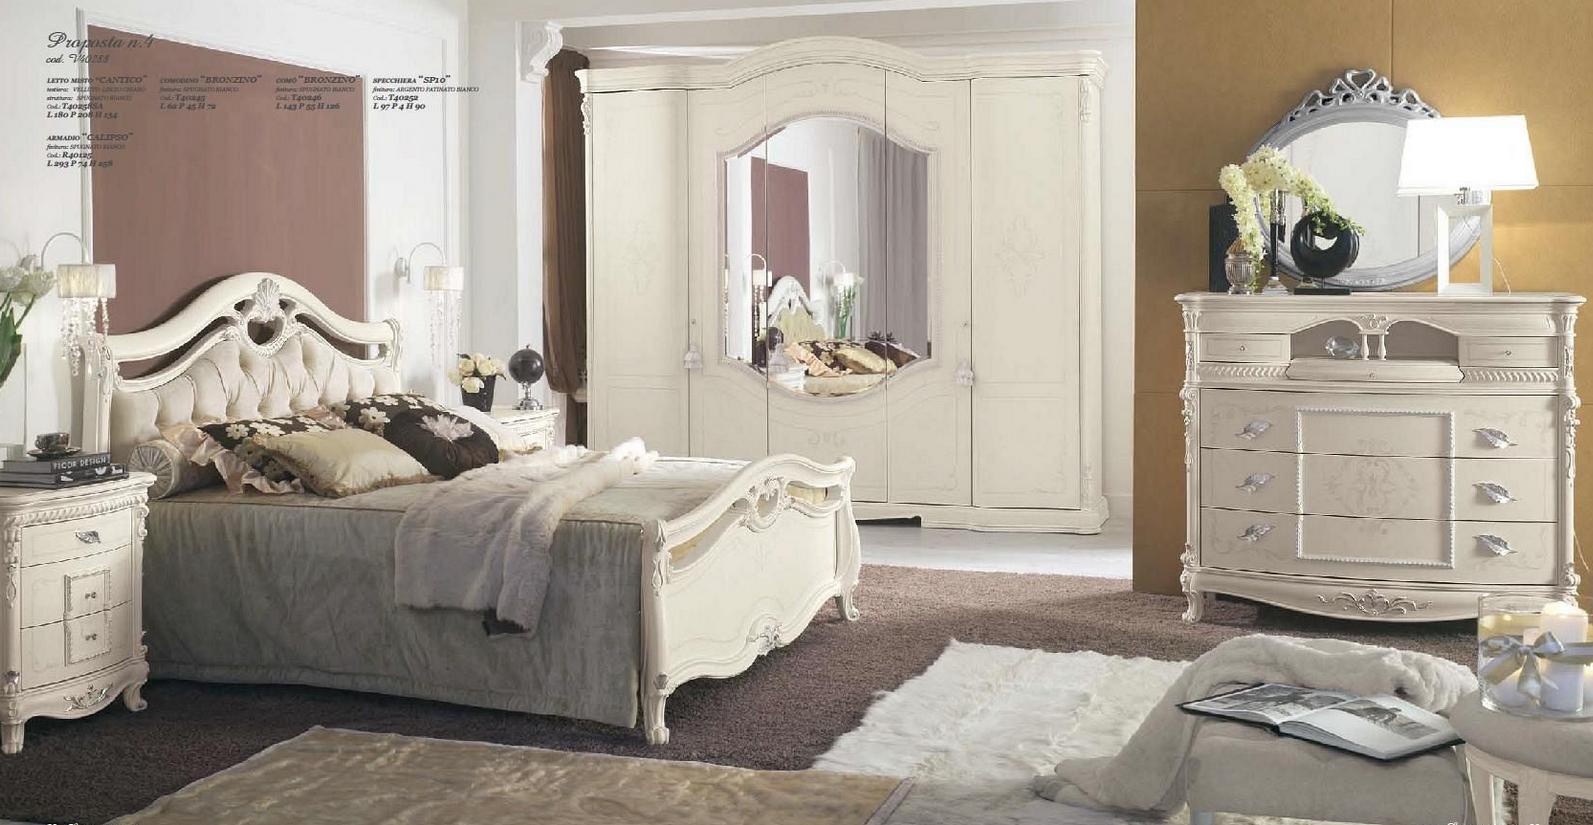 Итальянская спальня BRONZINO BIANCO SPUGNATO ф-ка GAMMASTIL